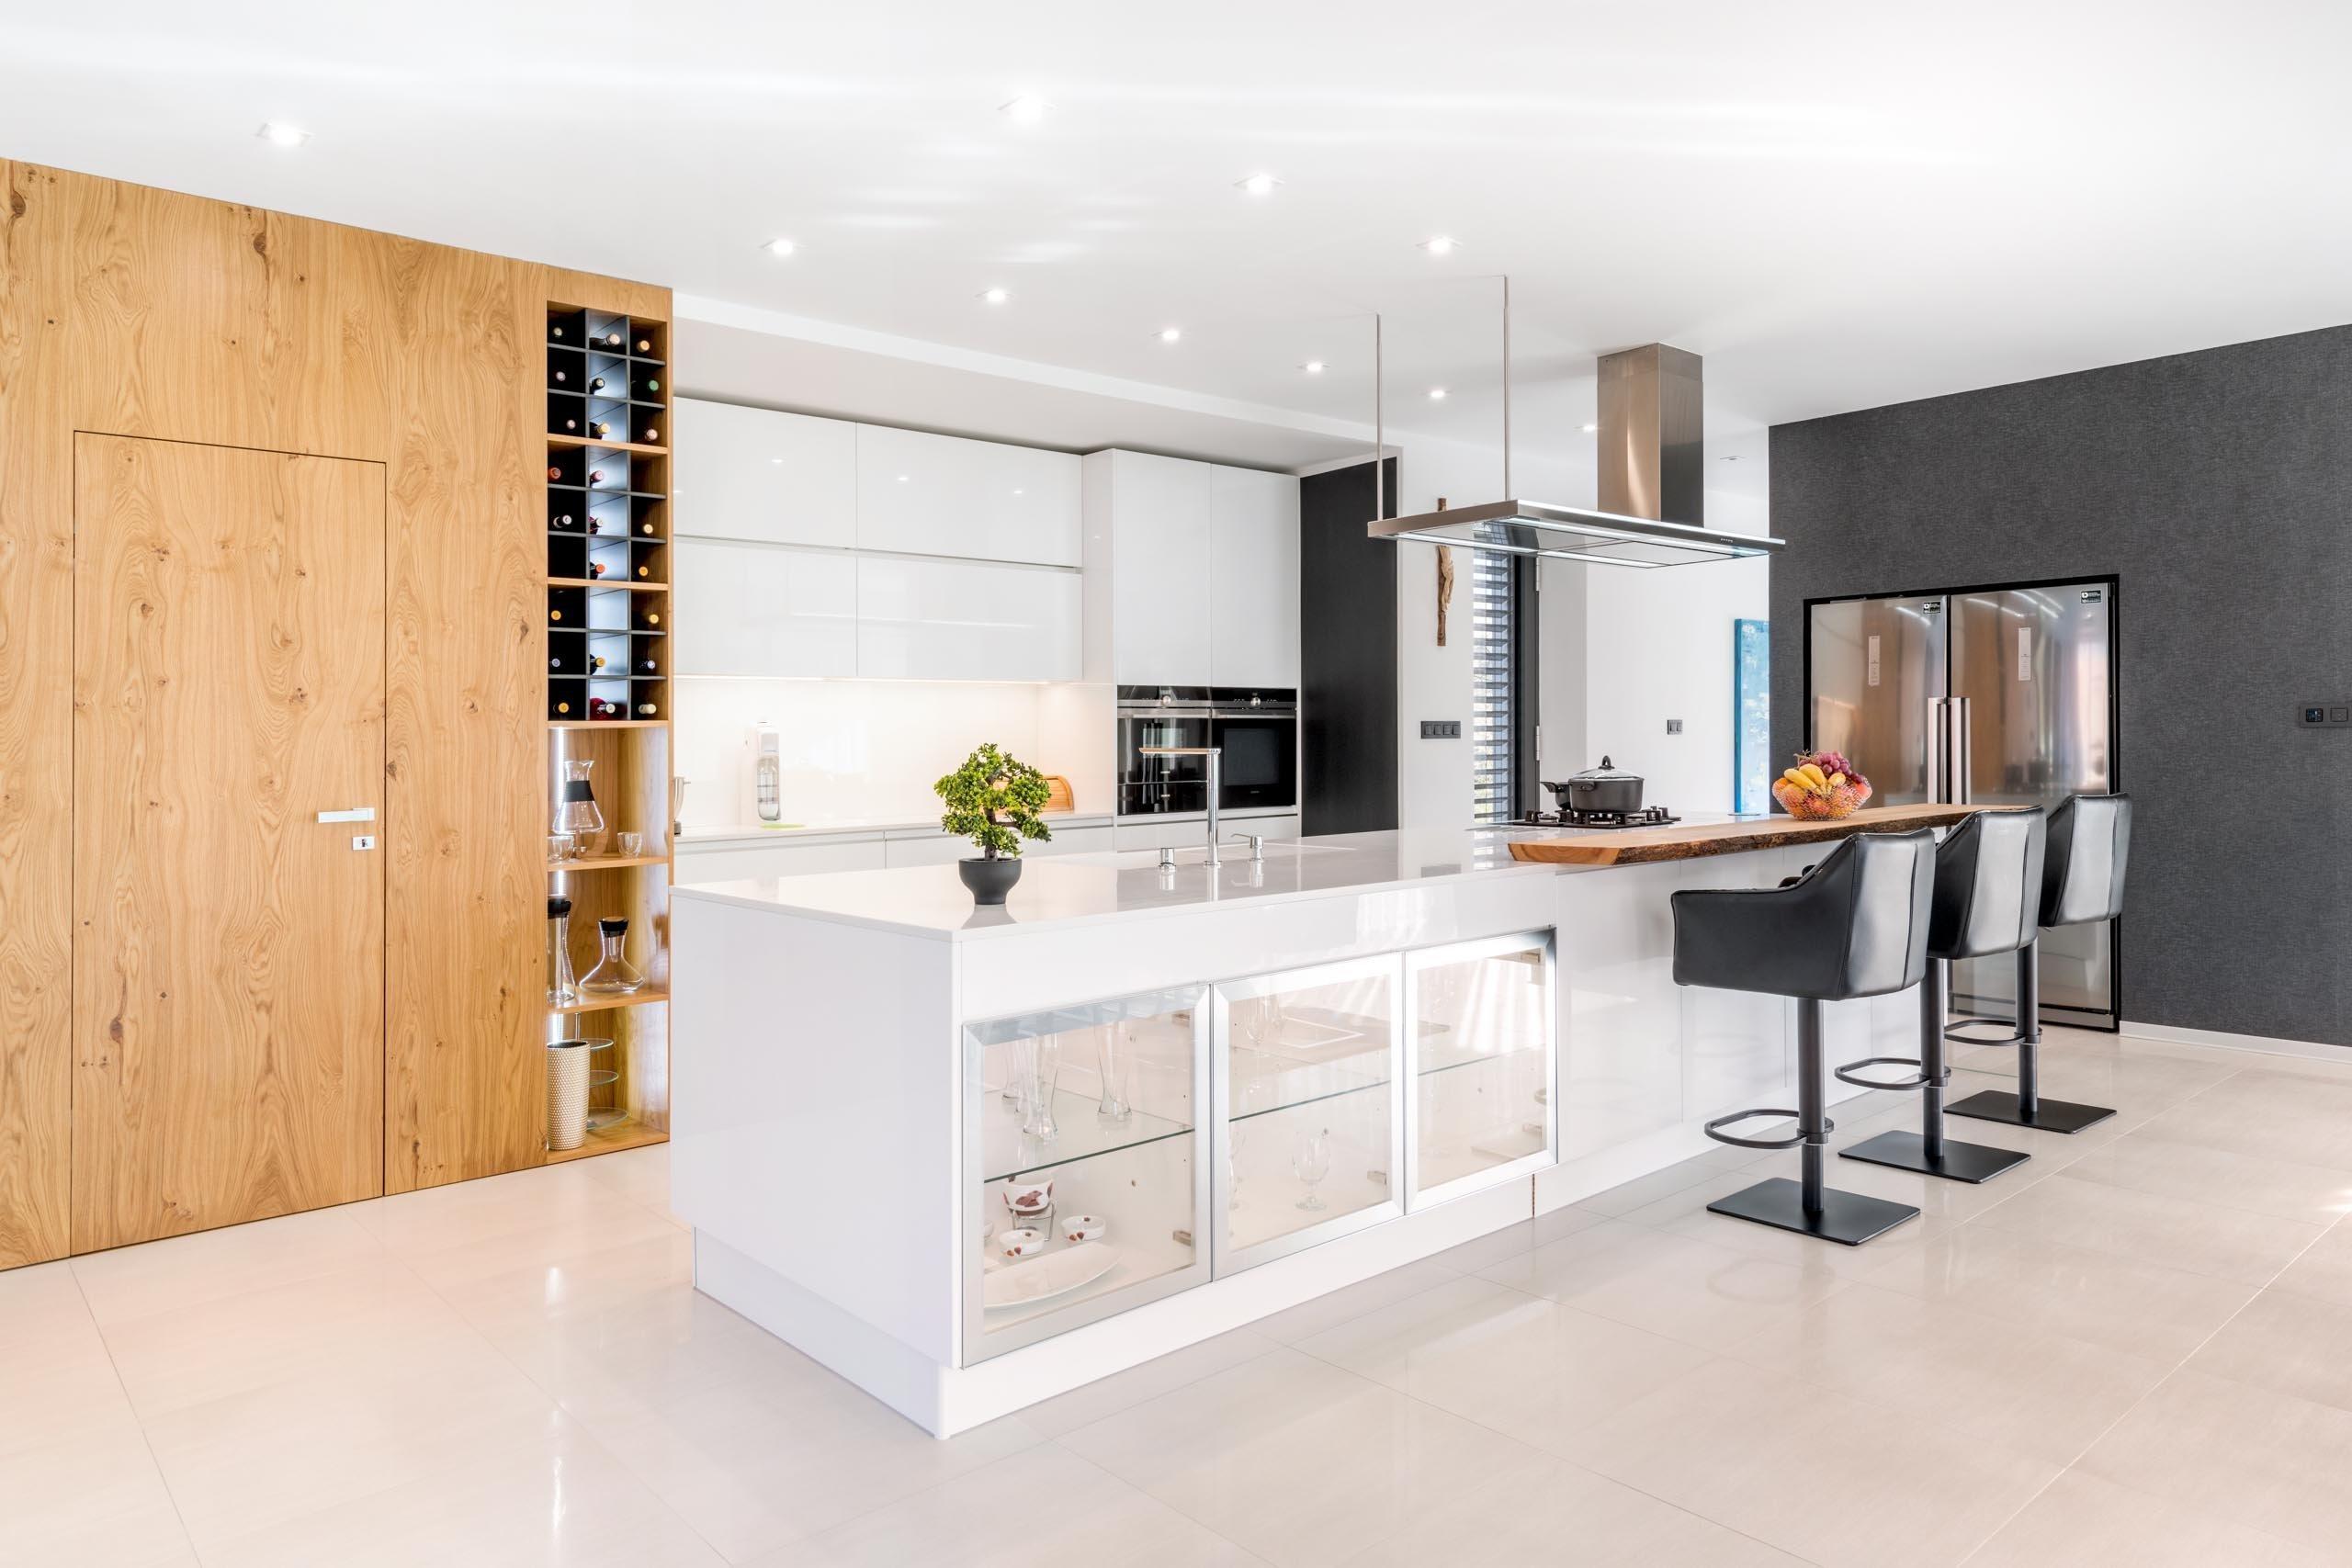 Velký prostor pro kuchyni je vždy výhra. Rozsáhlý kuchyňský ostrůvek má v této kuchyni několik využití. Vypadá skvěle, slouží k vaření, mytí, přípravě i pro…